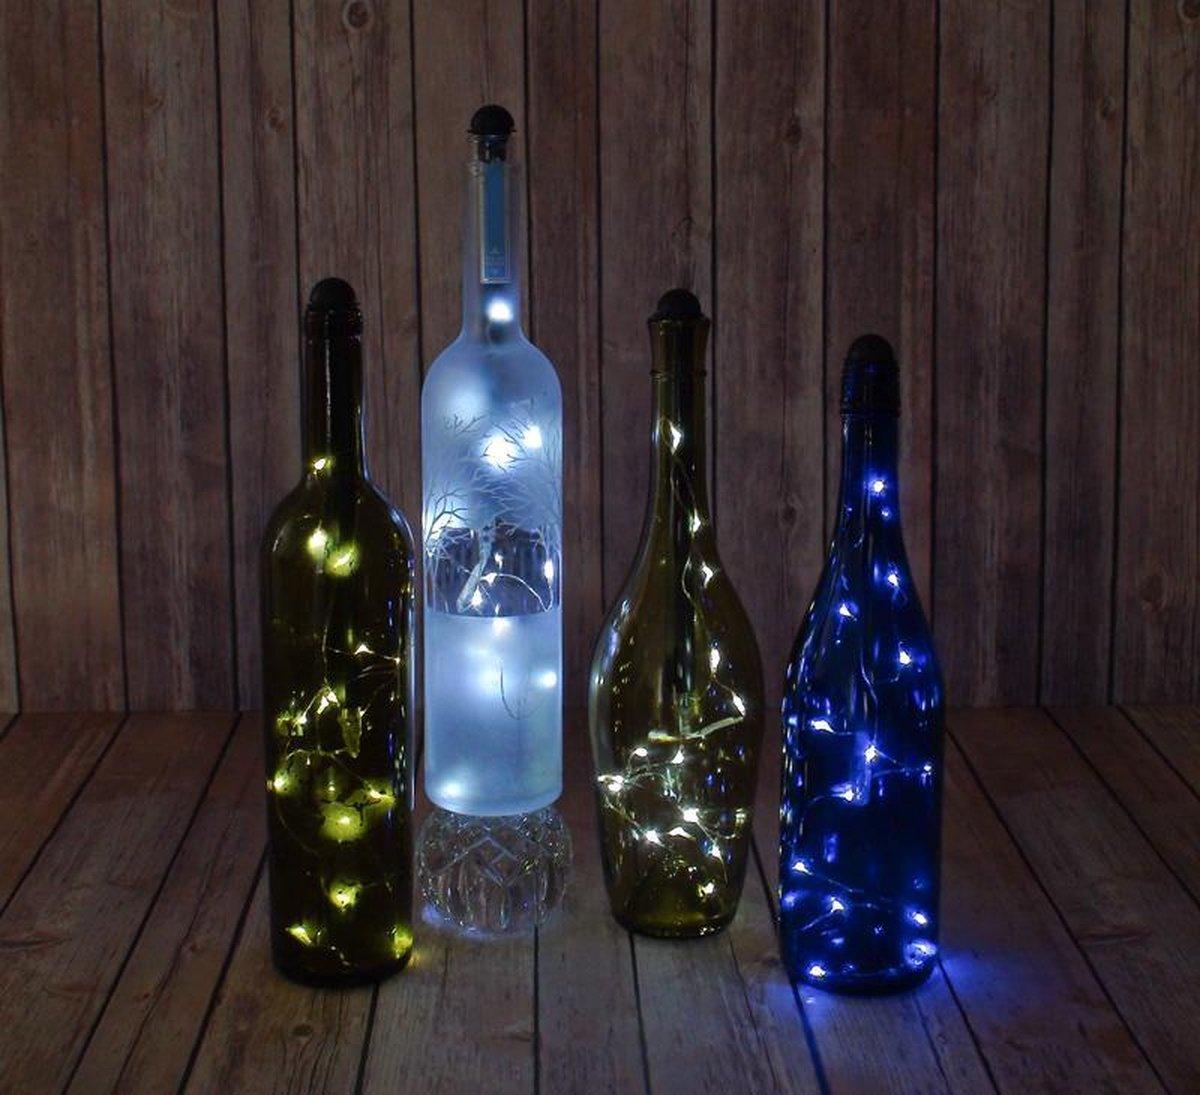 bol.com | 5 x Fles verlichting Light my Bottle op Batterijen Flessen Decoratie